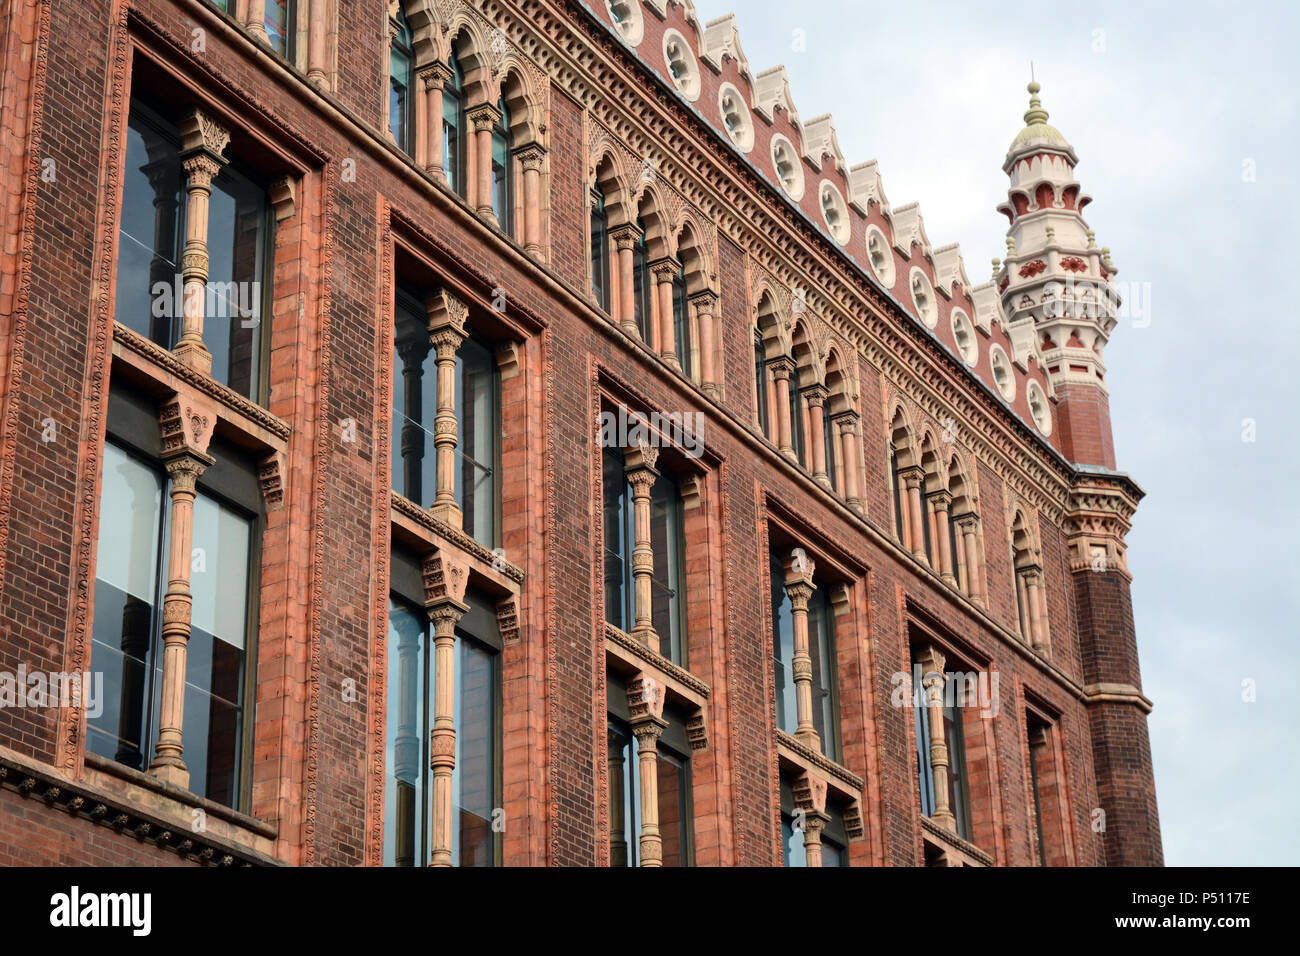 La fachada histórica del siglo XIX San Pablo casa construida en el estilo morisco hispano de la arquitectura, en Leeds, Inglaterra, Reino Unido. Imagen De Stock